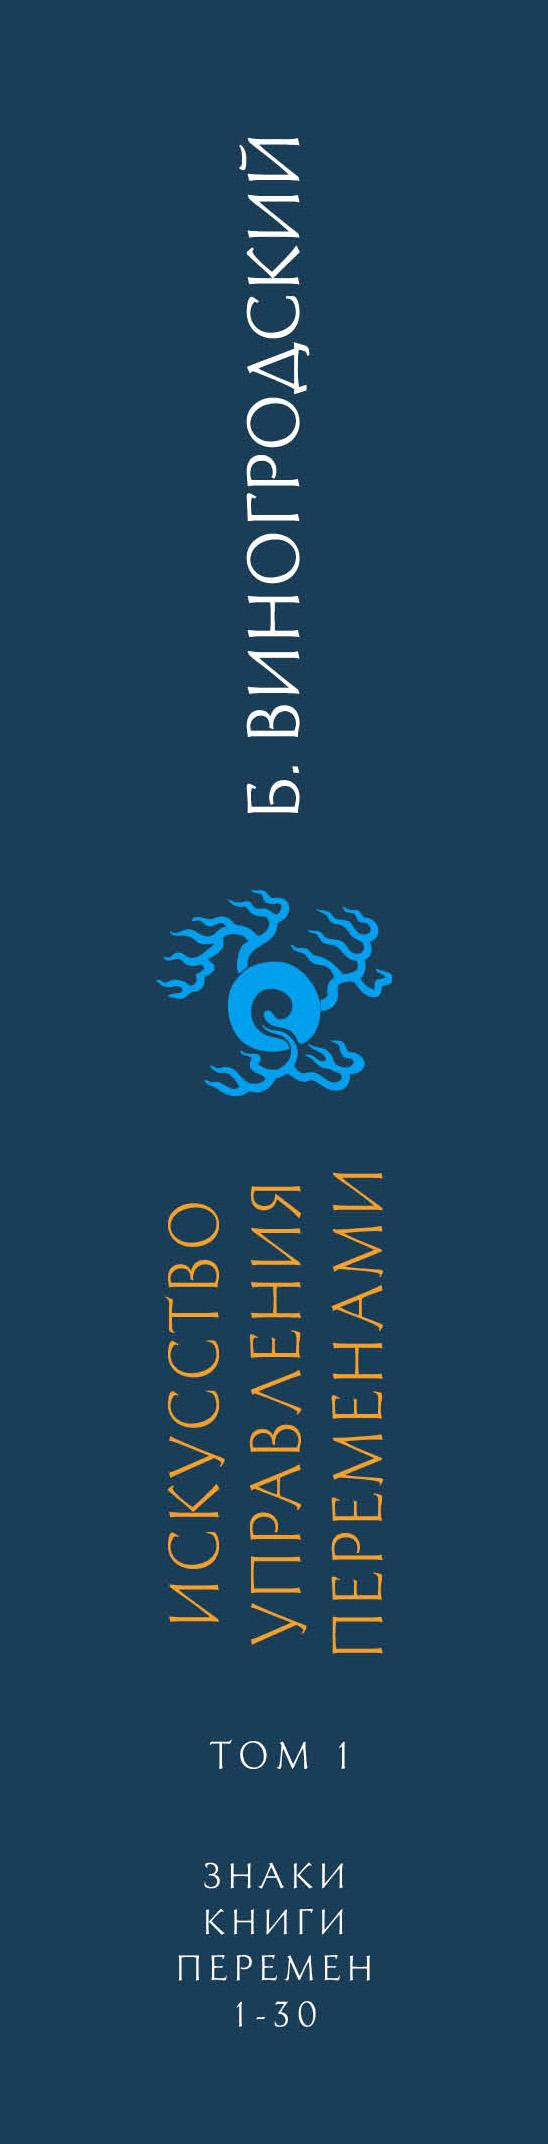 Искусство управления переменами. Том 1. Знаки Книги Перемен 1-30. Составитель Ли Гуанди